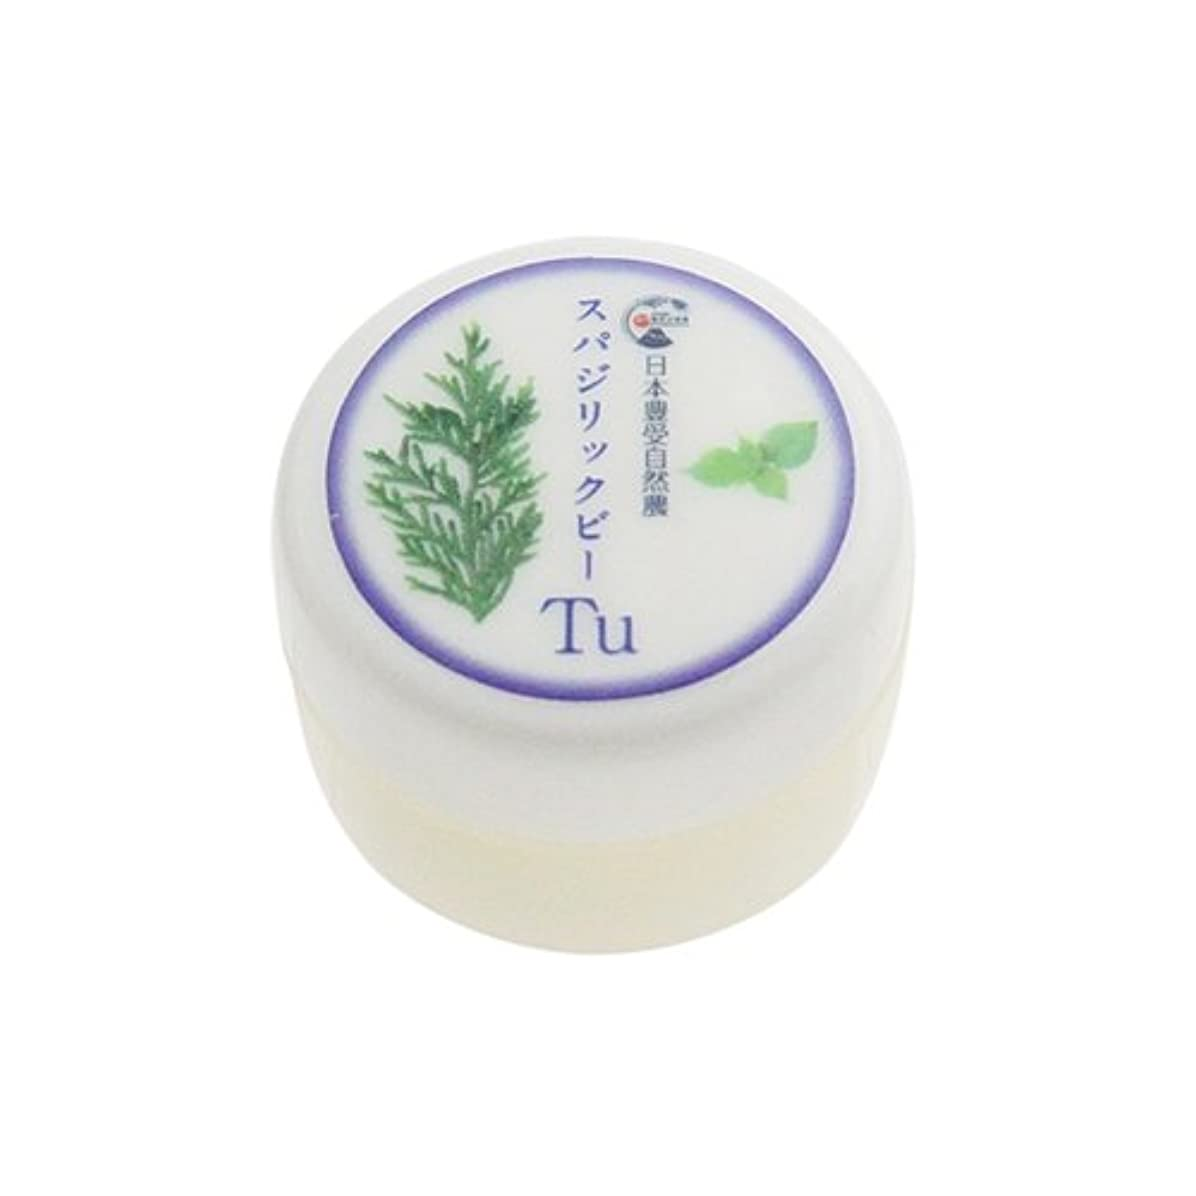 強打土煩わしい日本豊受自然農 スパジリック ビーTu(小) 10g